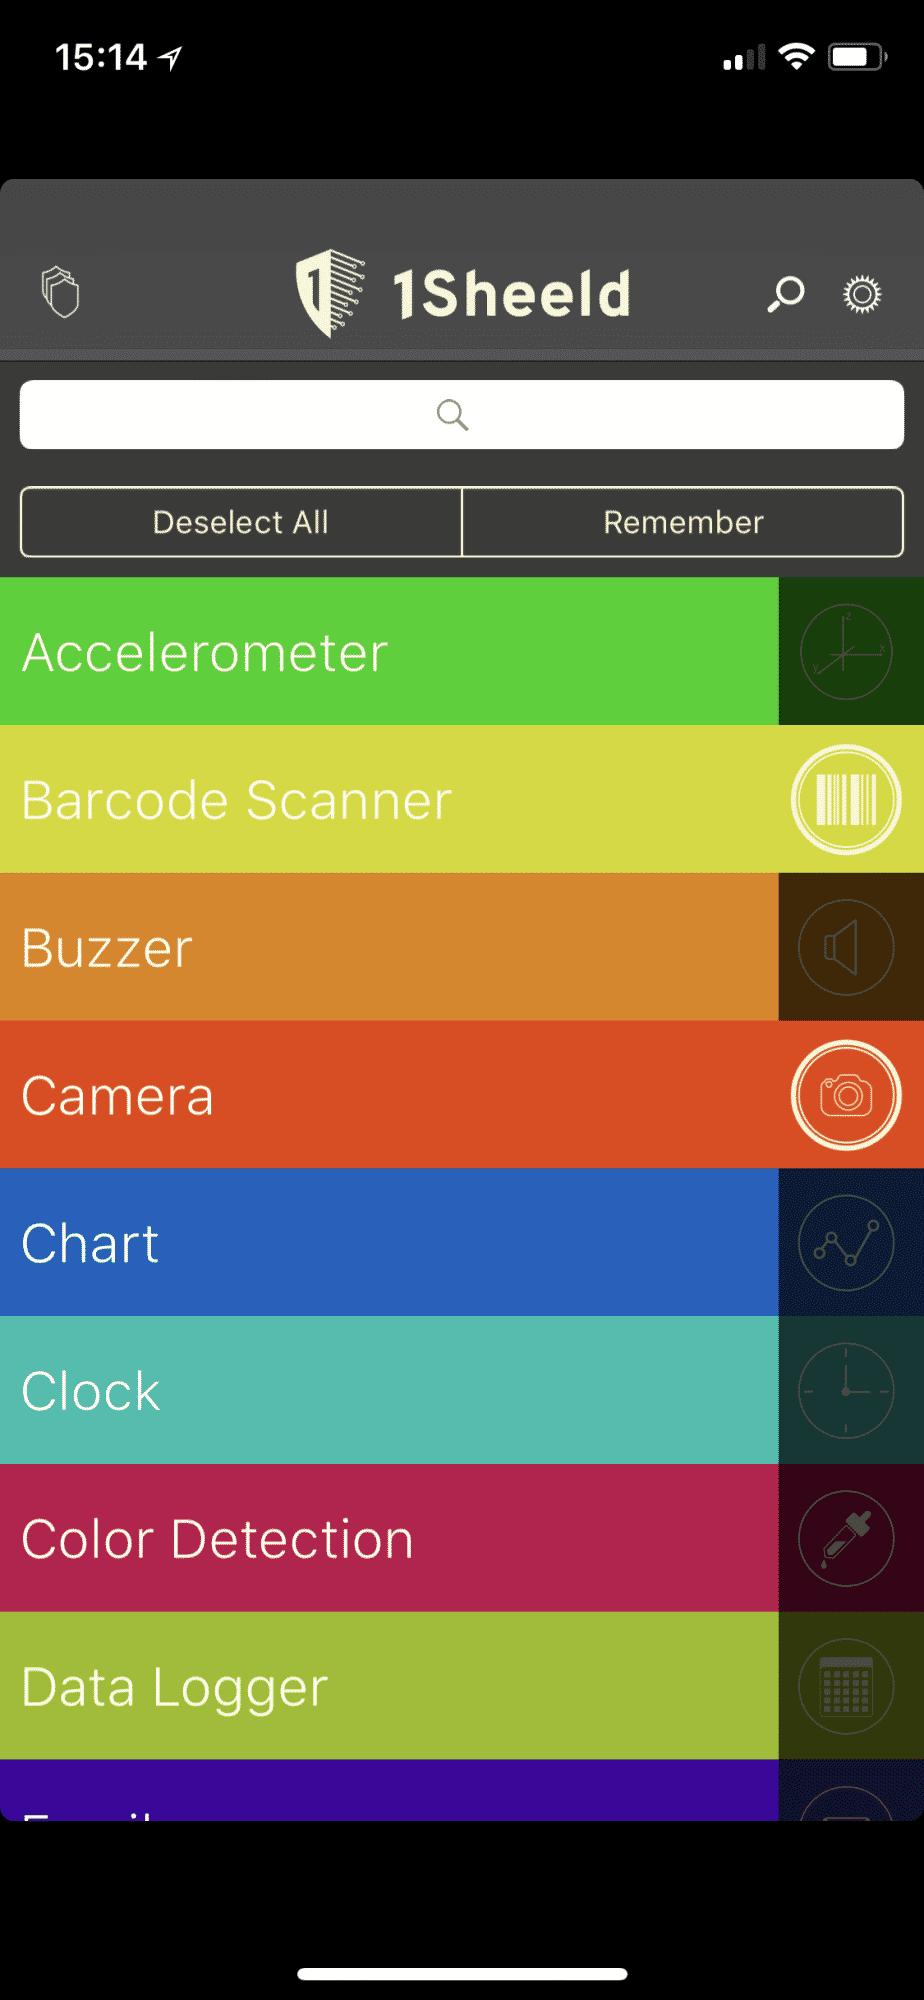 Nach erfolgreicher Kopplung kann der Benutzer alle gewünschten virtuellen Shields selektieren. Im vorliegenden Fall sind das die Kamera und ein Barcode Scanner